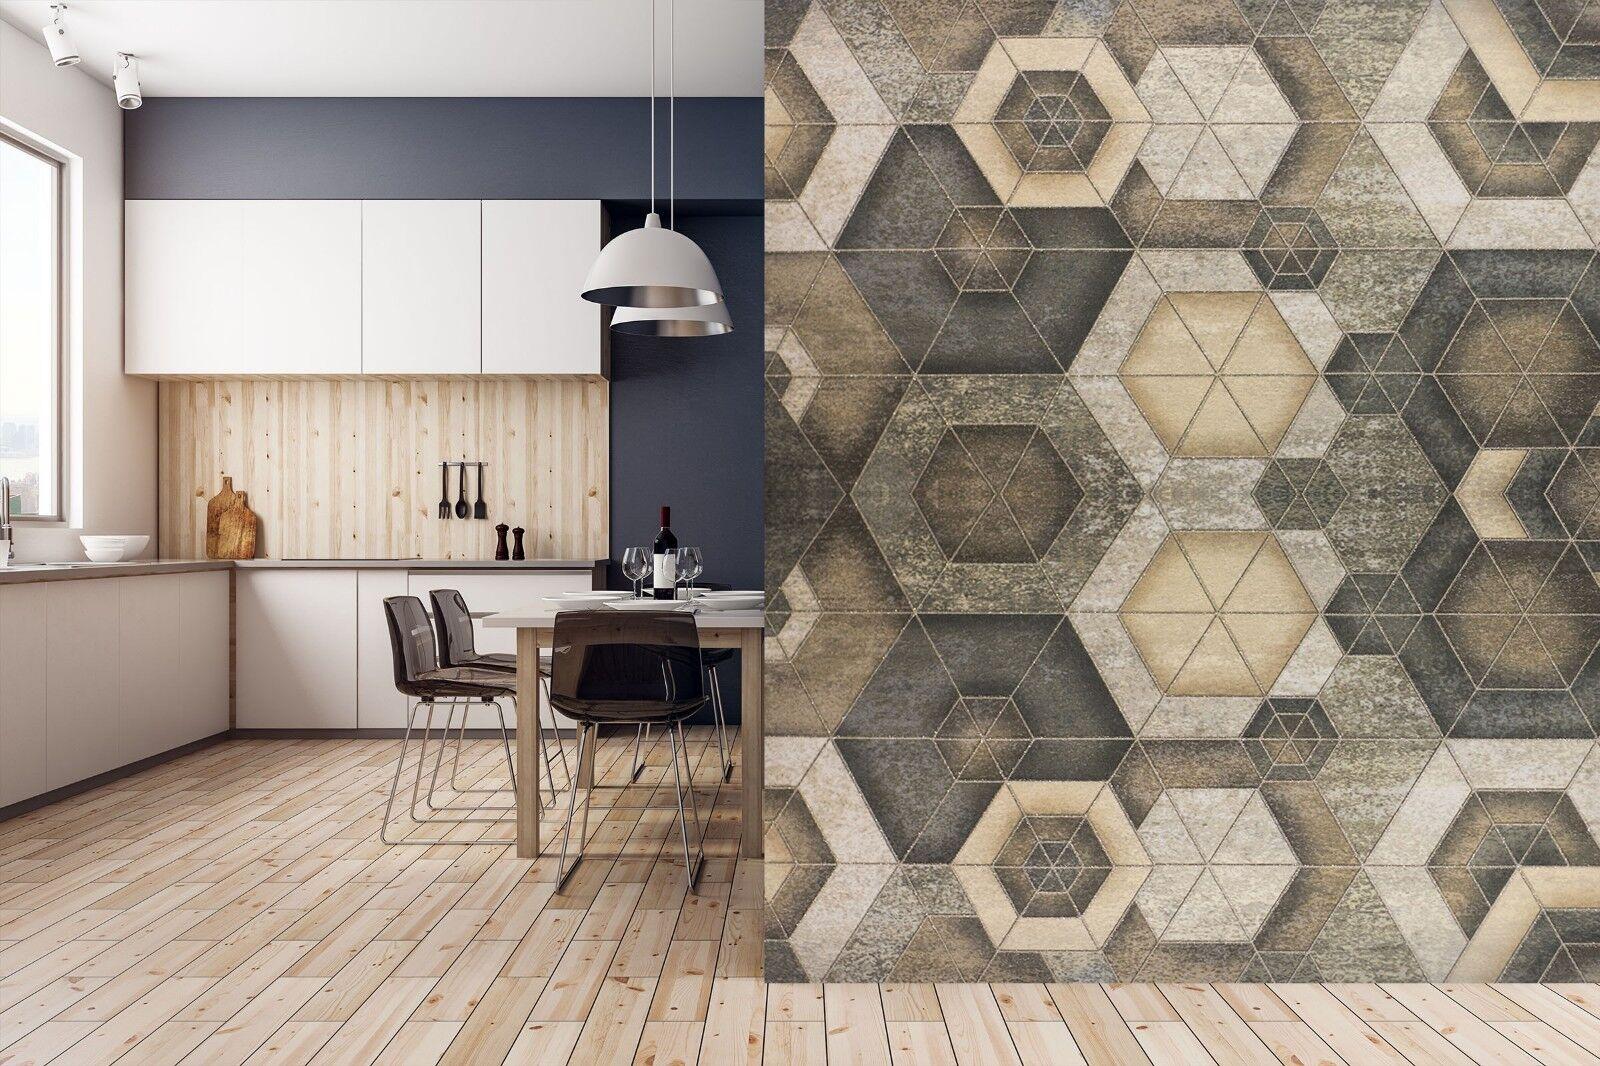 3D Hexagonal Wood Grain 78 Texture Tiles Marble Wall Paper Decal Wallpaper Mural